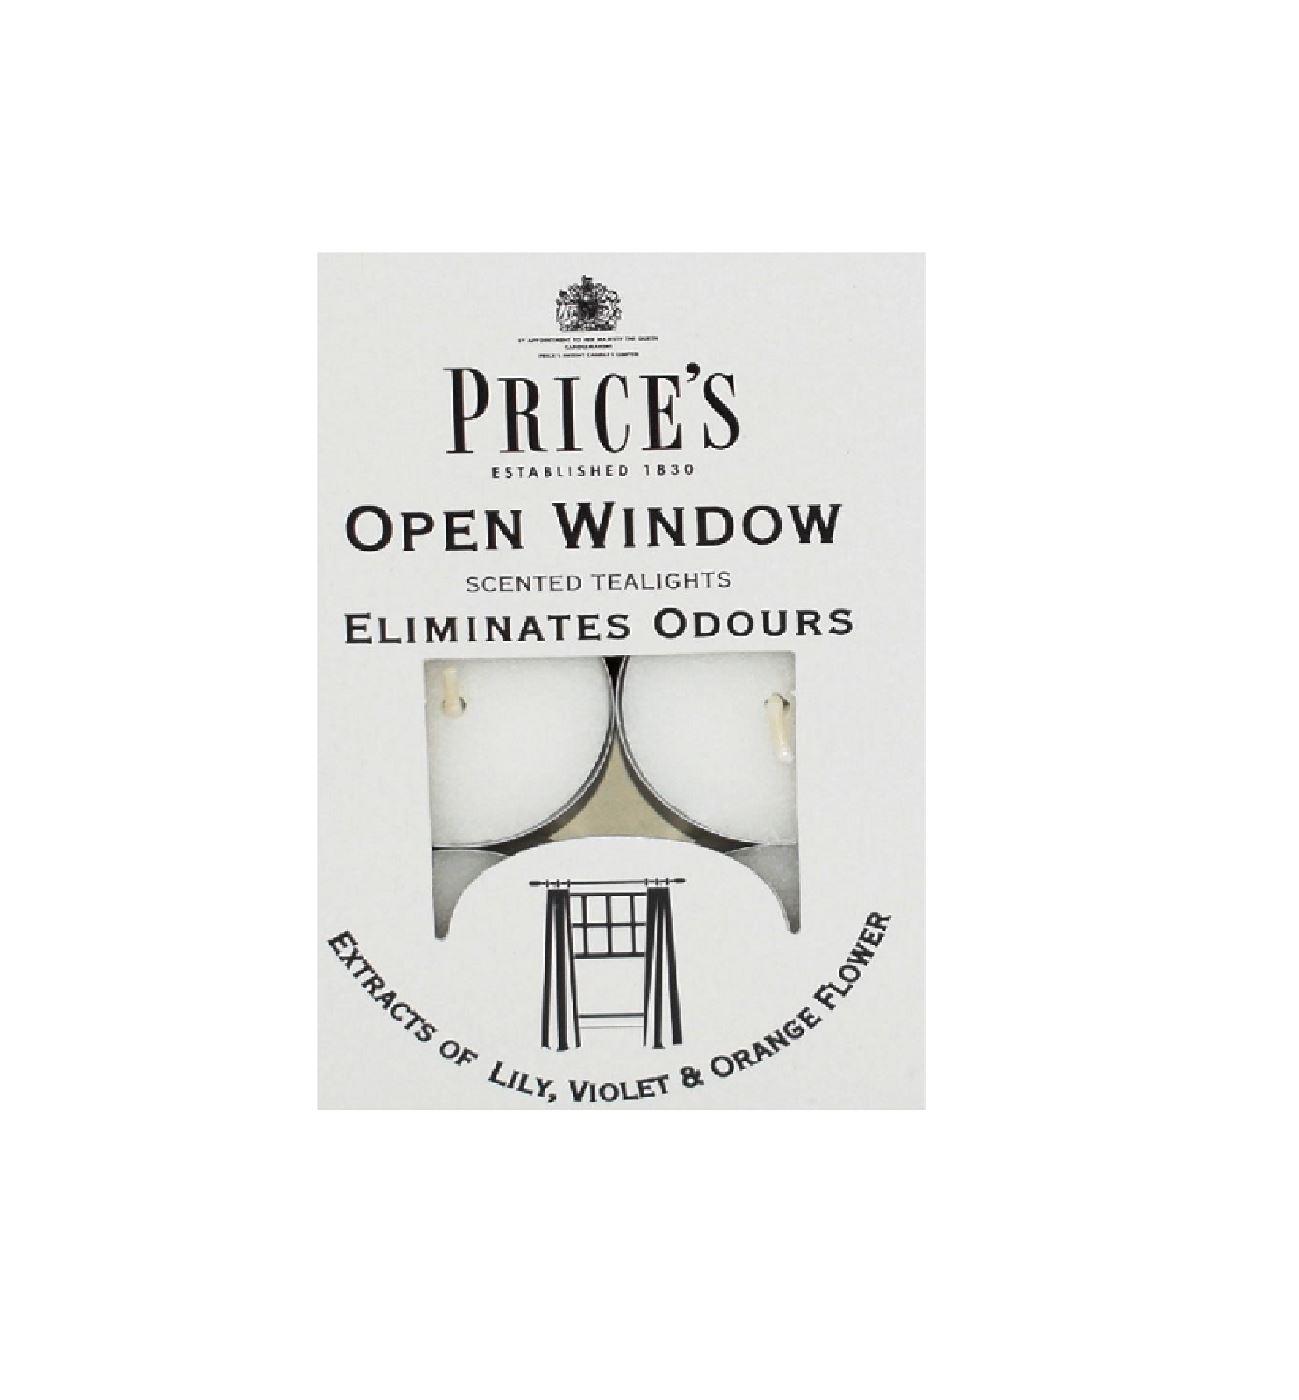 prices candles teelicht kerze geruch pack fresh air parf miert heim geschenk ebay. Black Bedroom Furniture Sets. Home Design Ideas